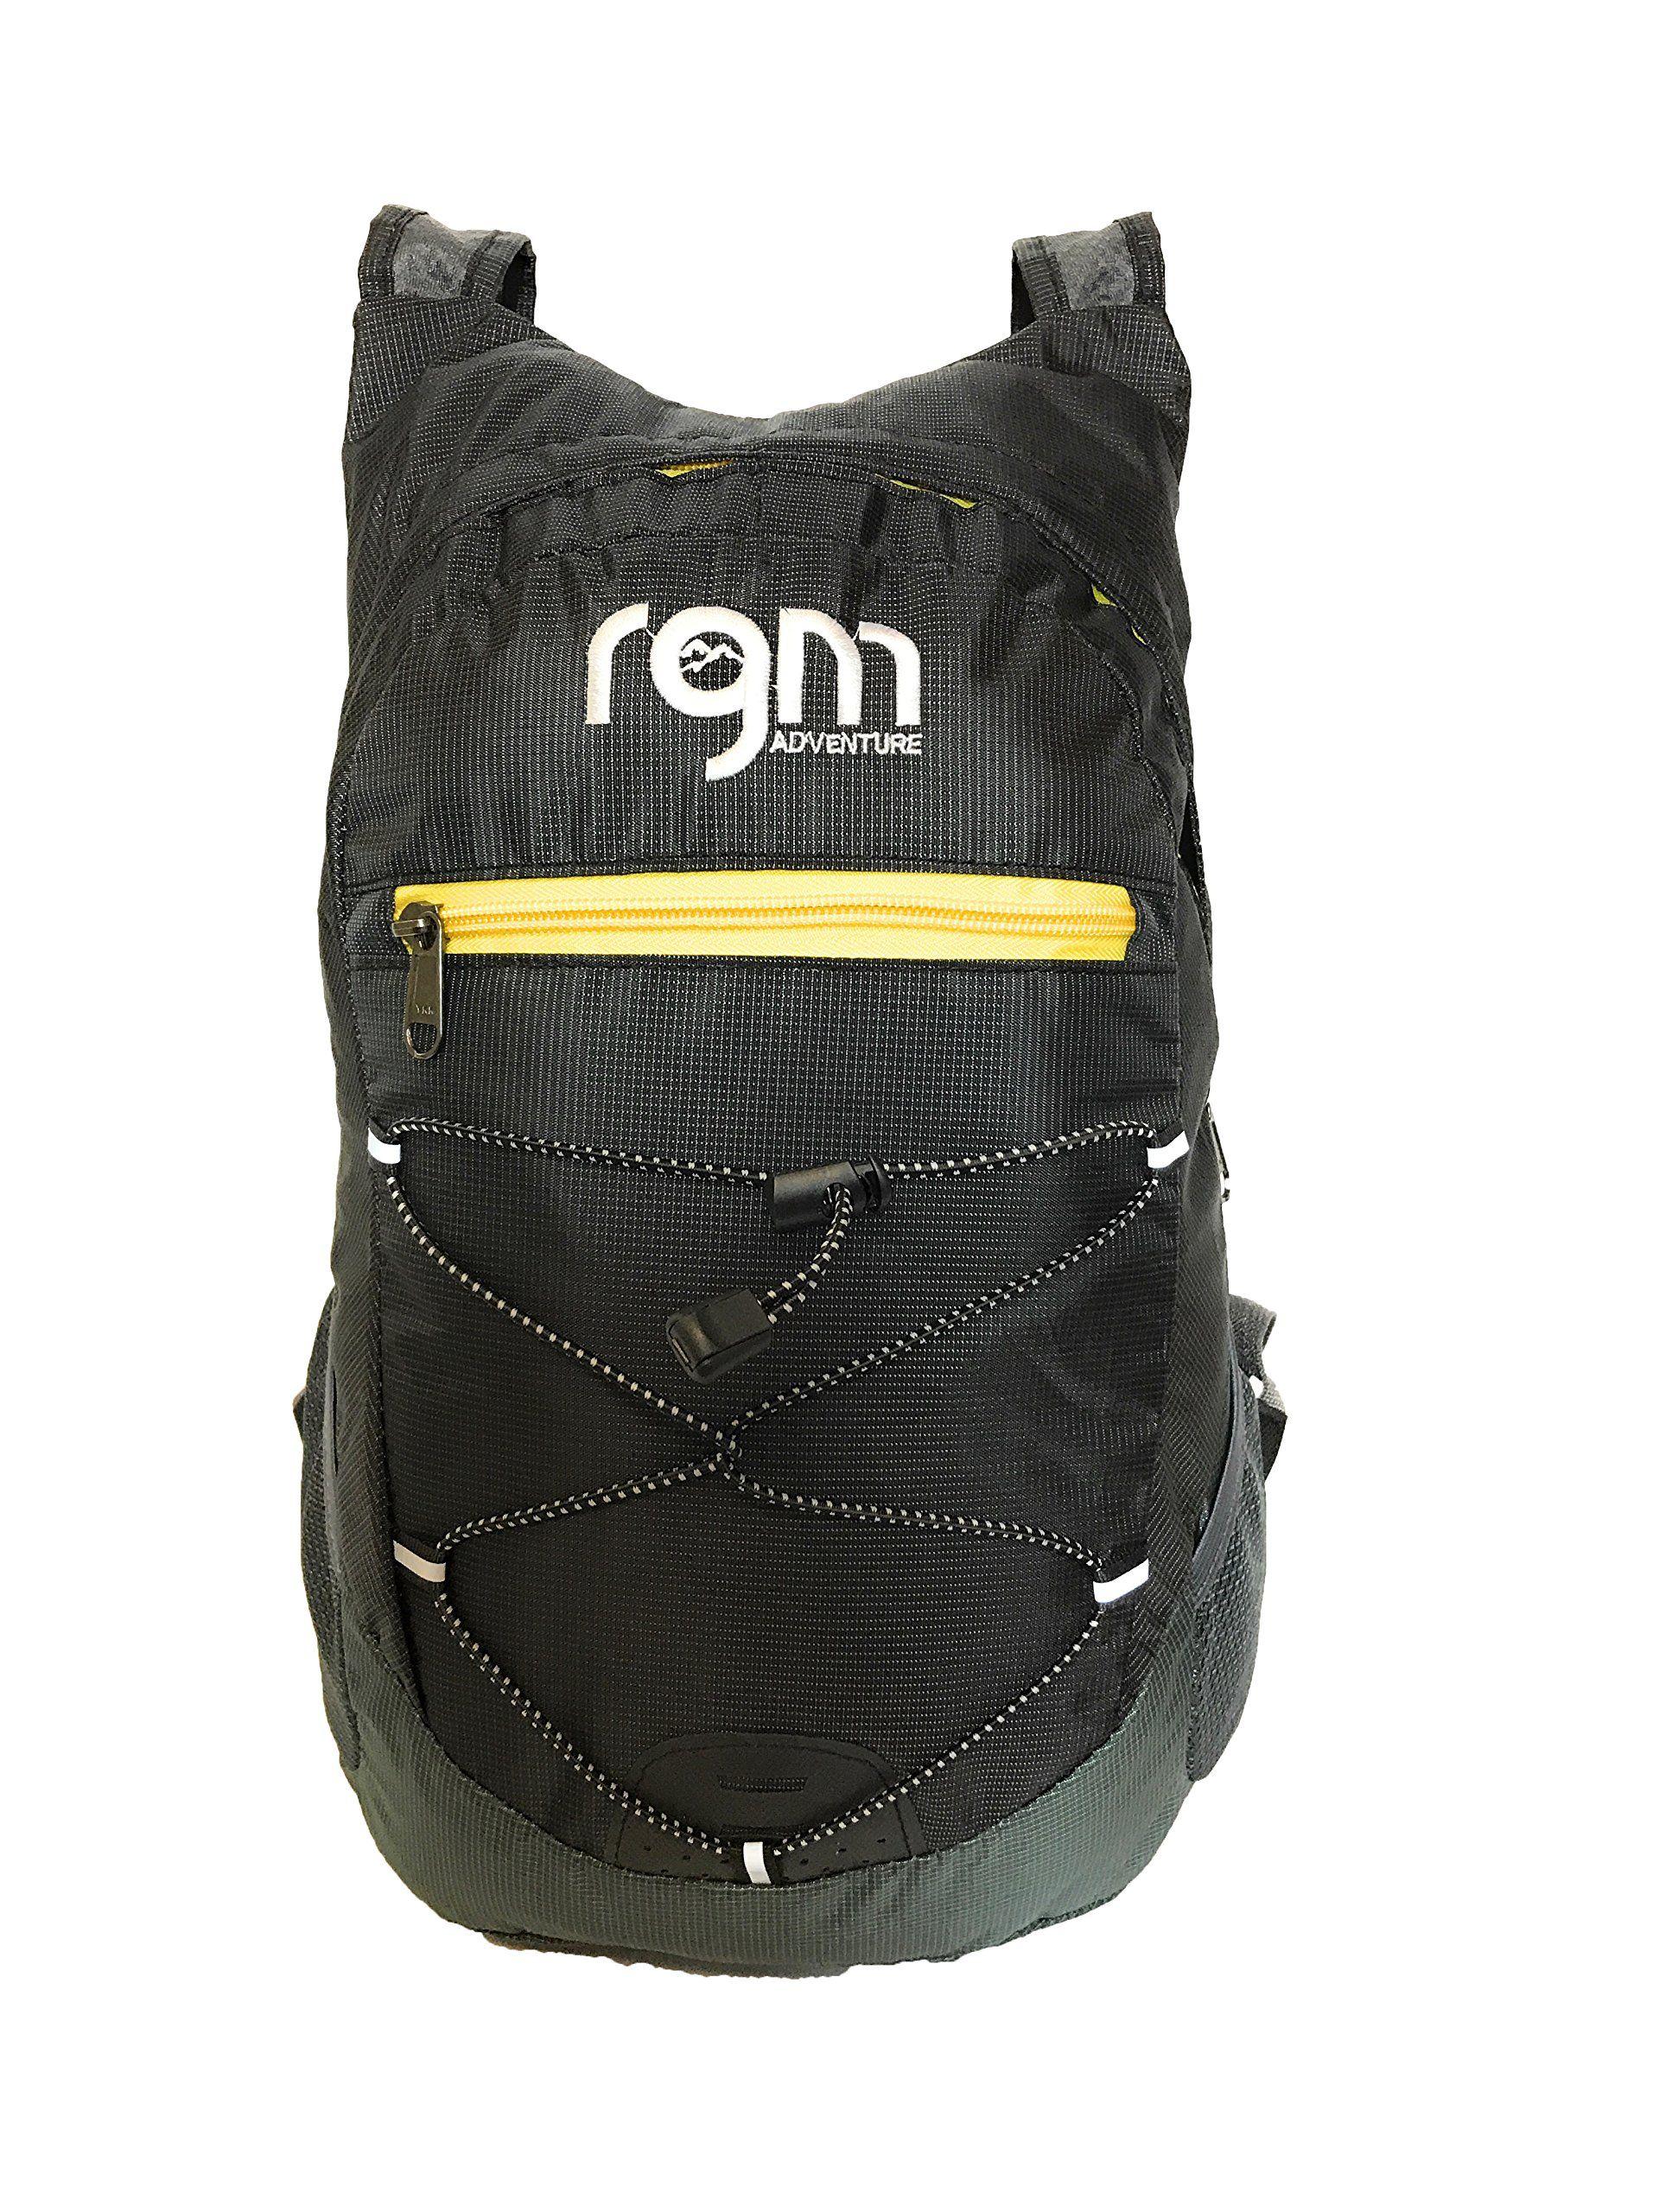 Pin on Hiking Daypacks